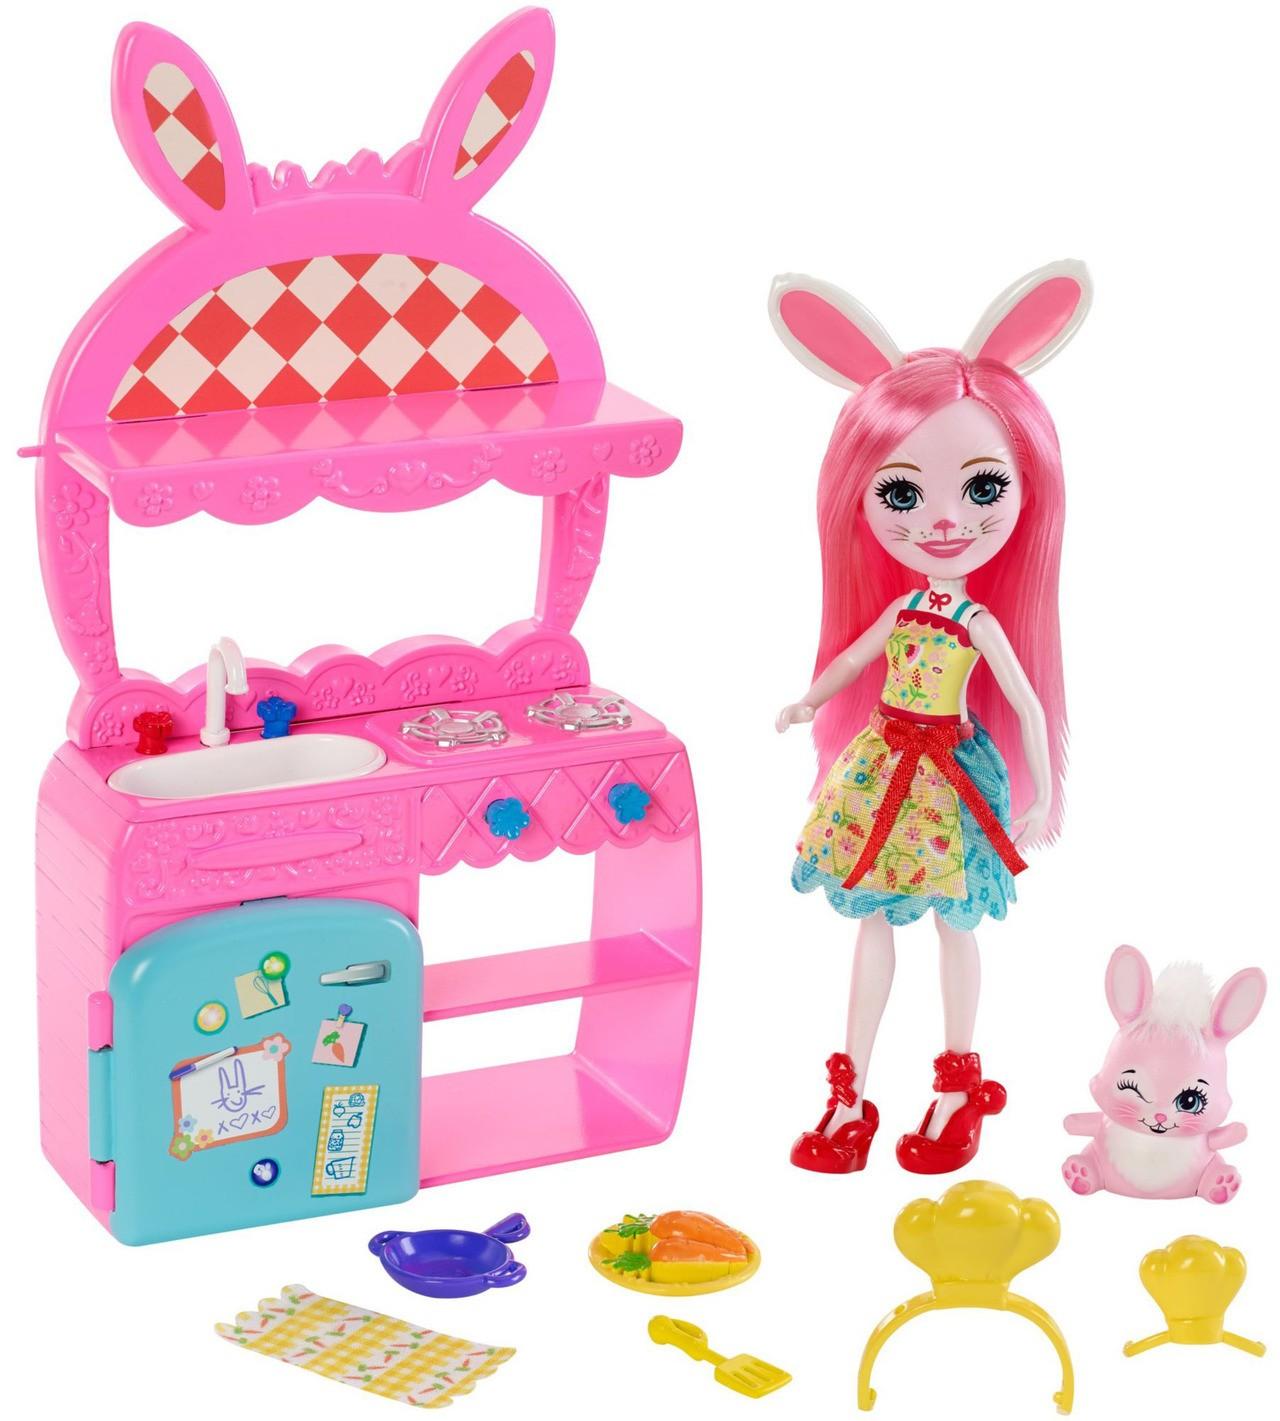 Купить Кукла Энчантималс Игровой набор Кухня Кролика Бри (Enchantimals Kitchen Fun  Bree Bunny Doll & Twist ) от